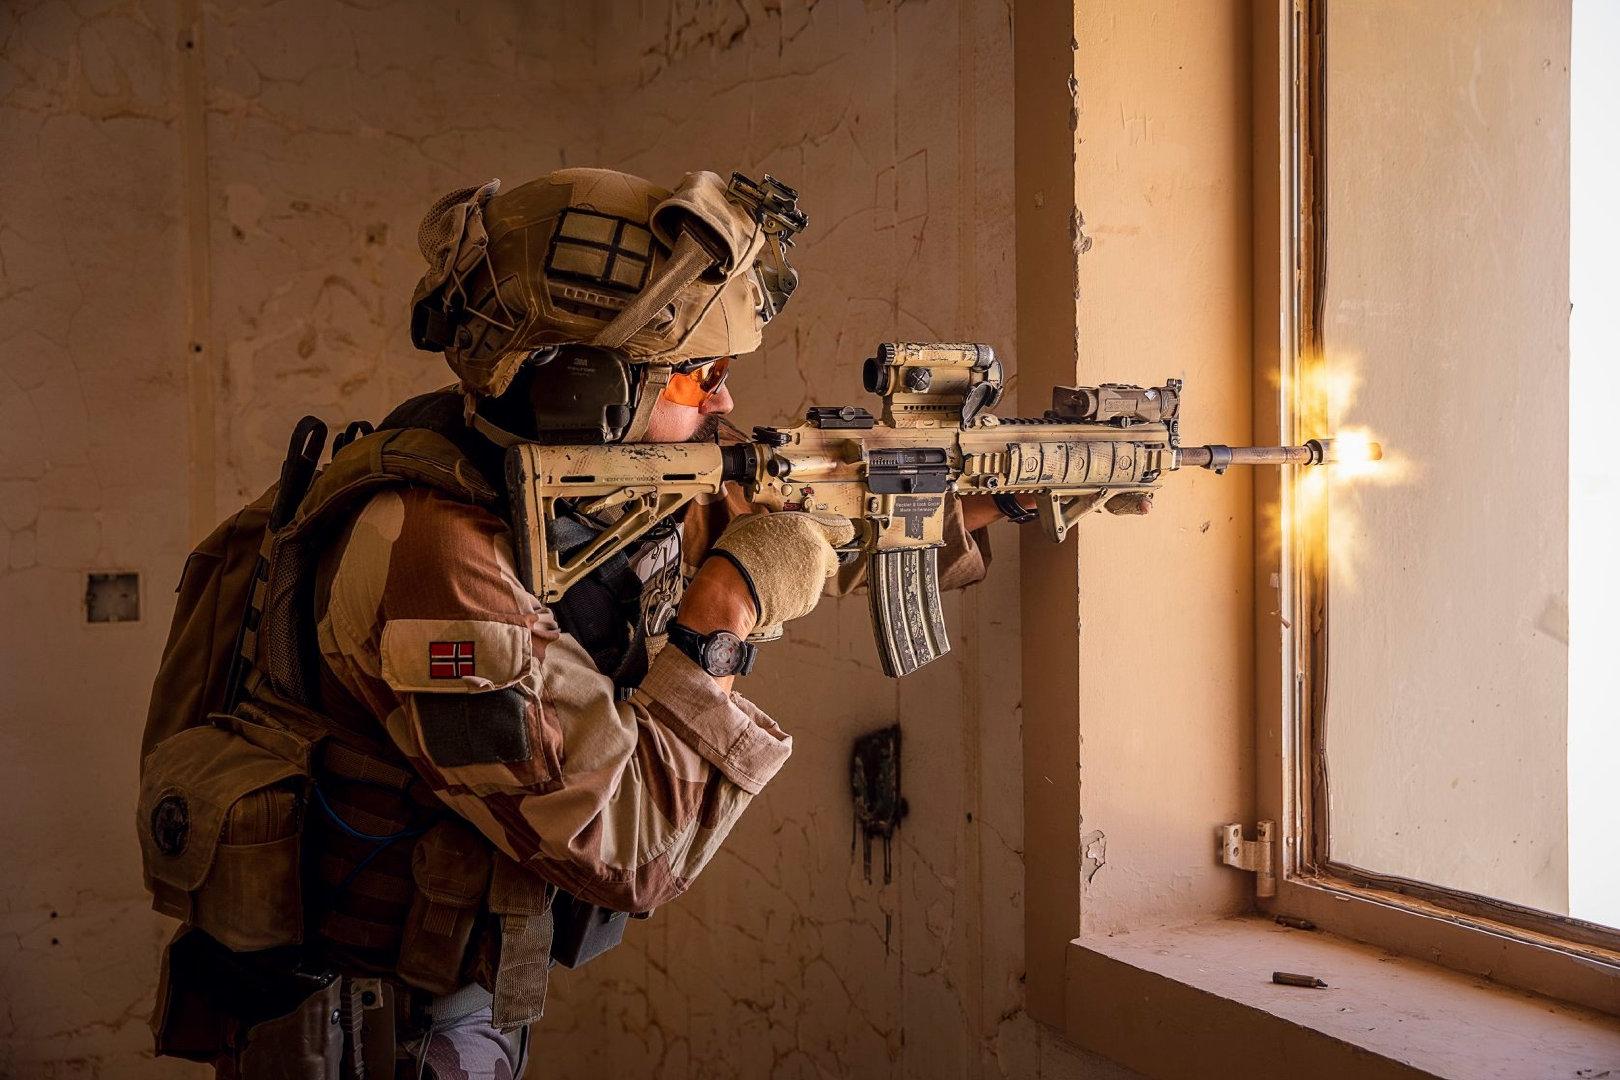 2019-2020年。在伊拉克部署的挪威特别行动小组